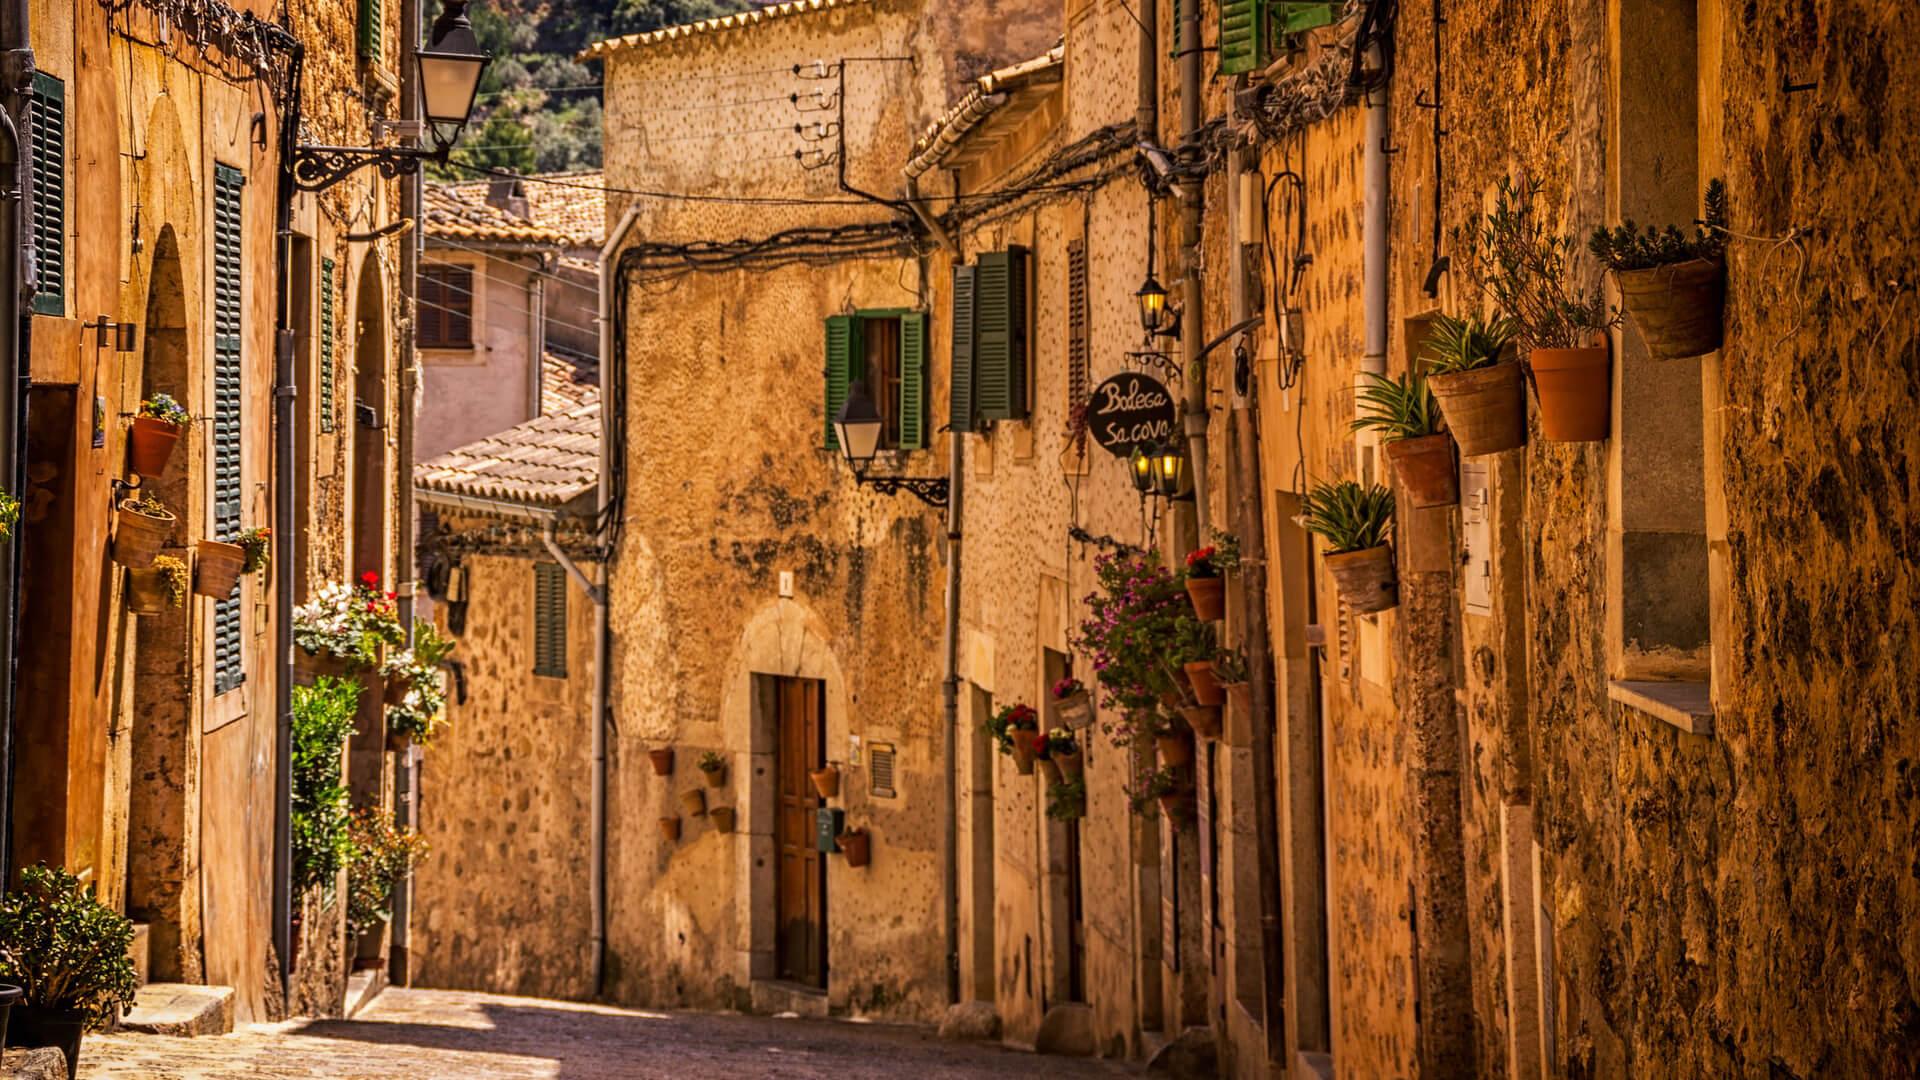 Rua de cidade antiga